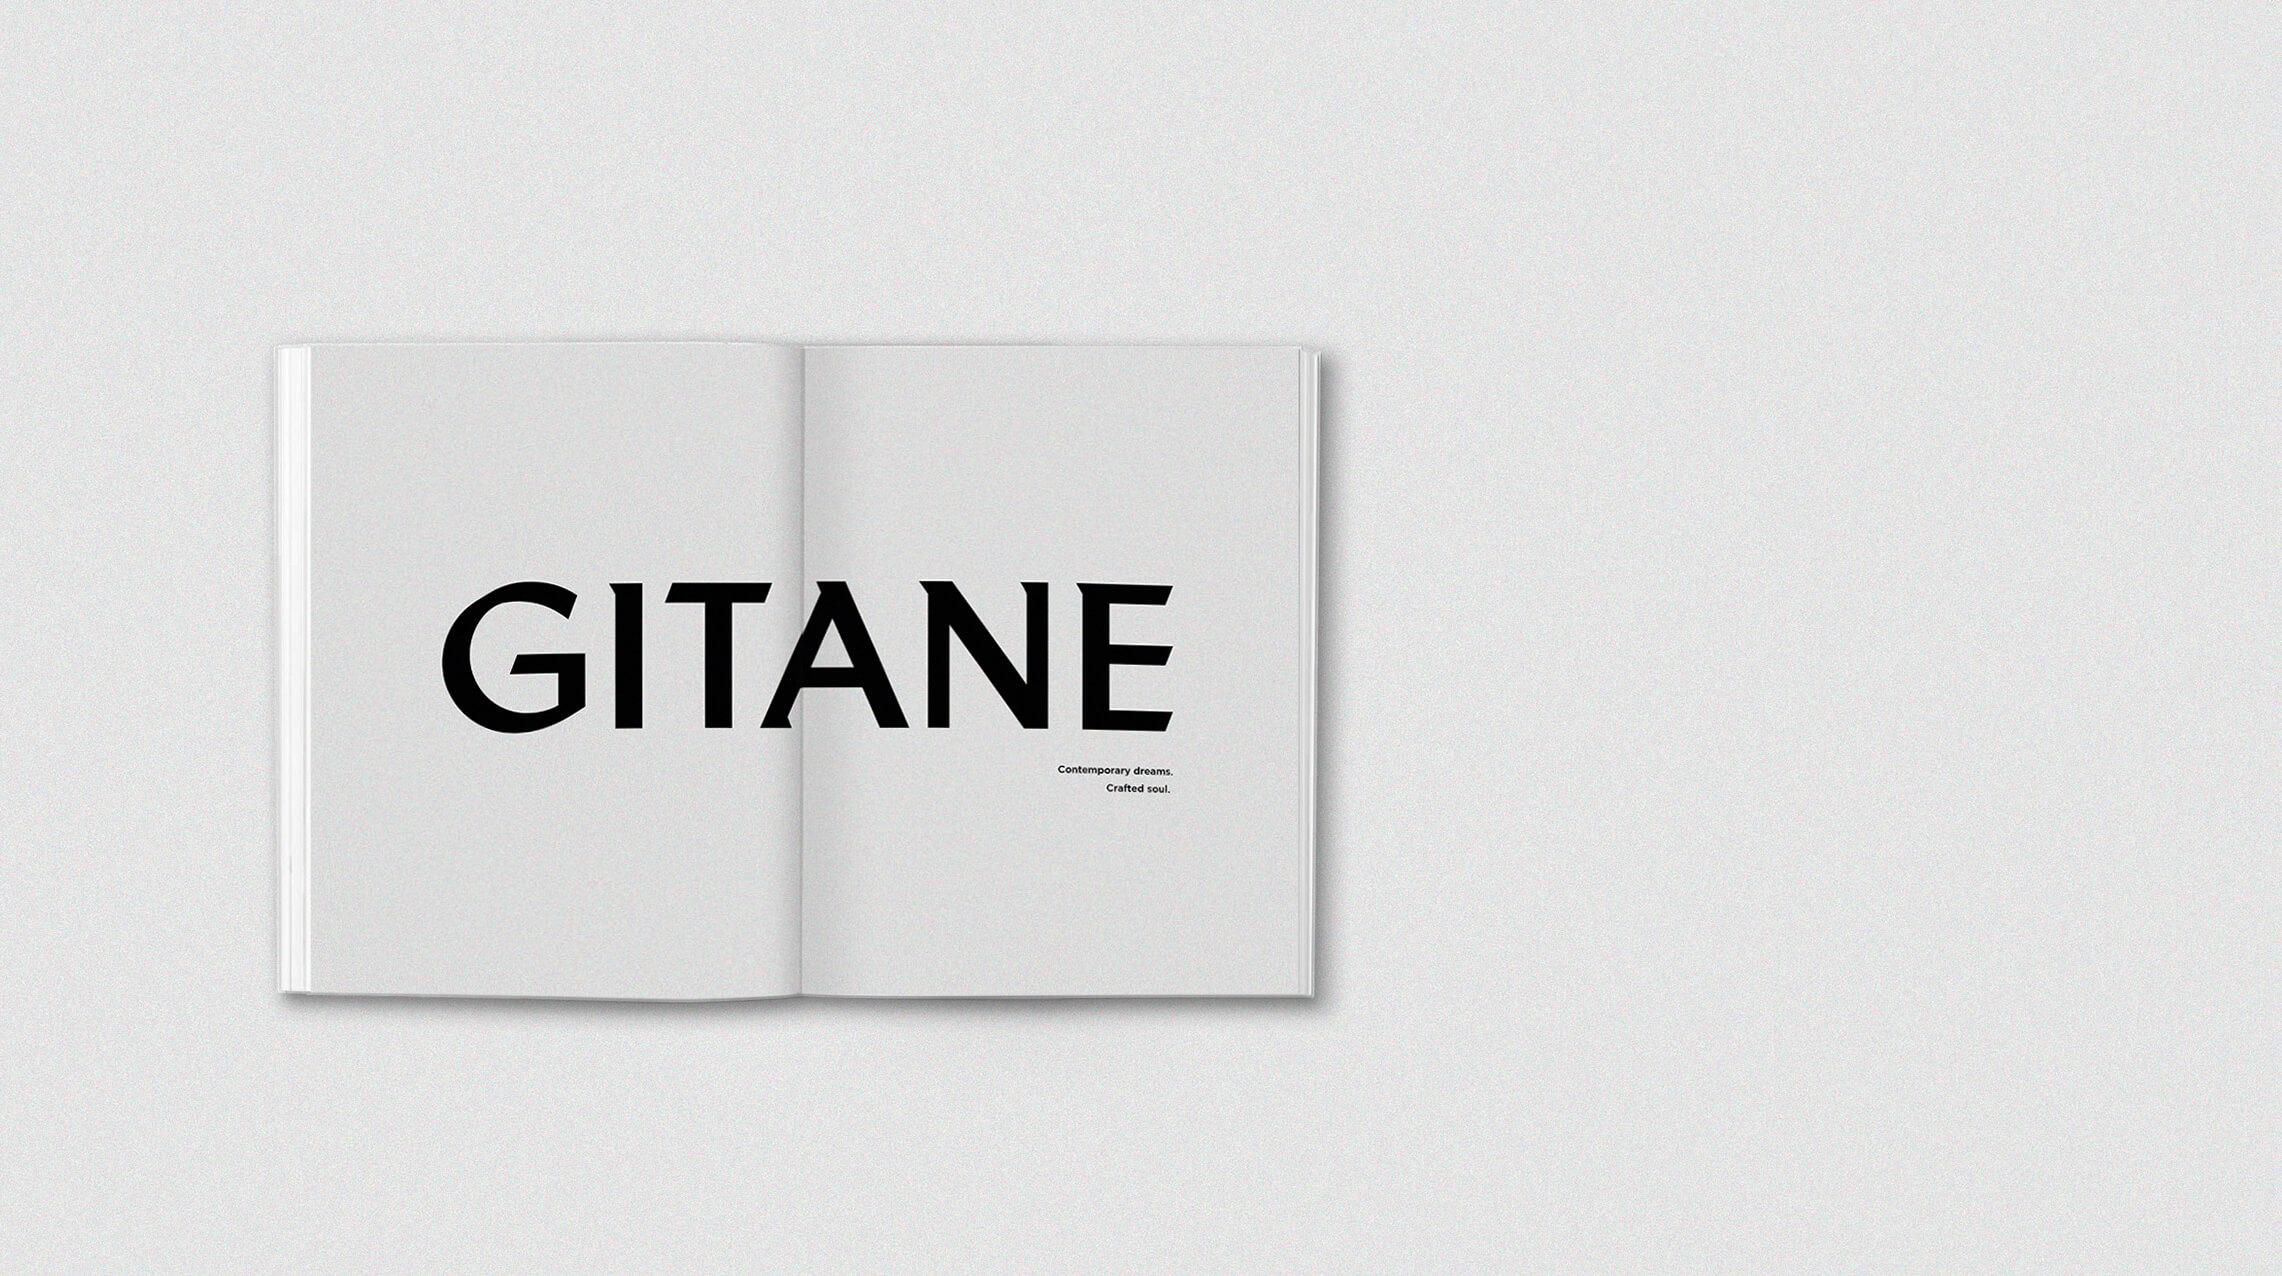 gitane-issue-one-lifestyle-cover-slider-3